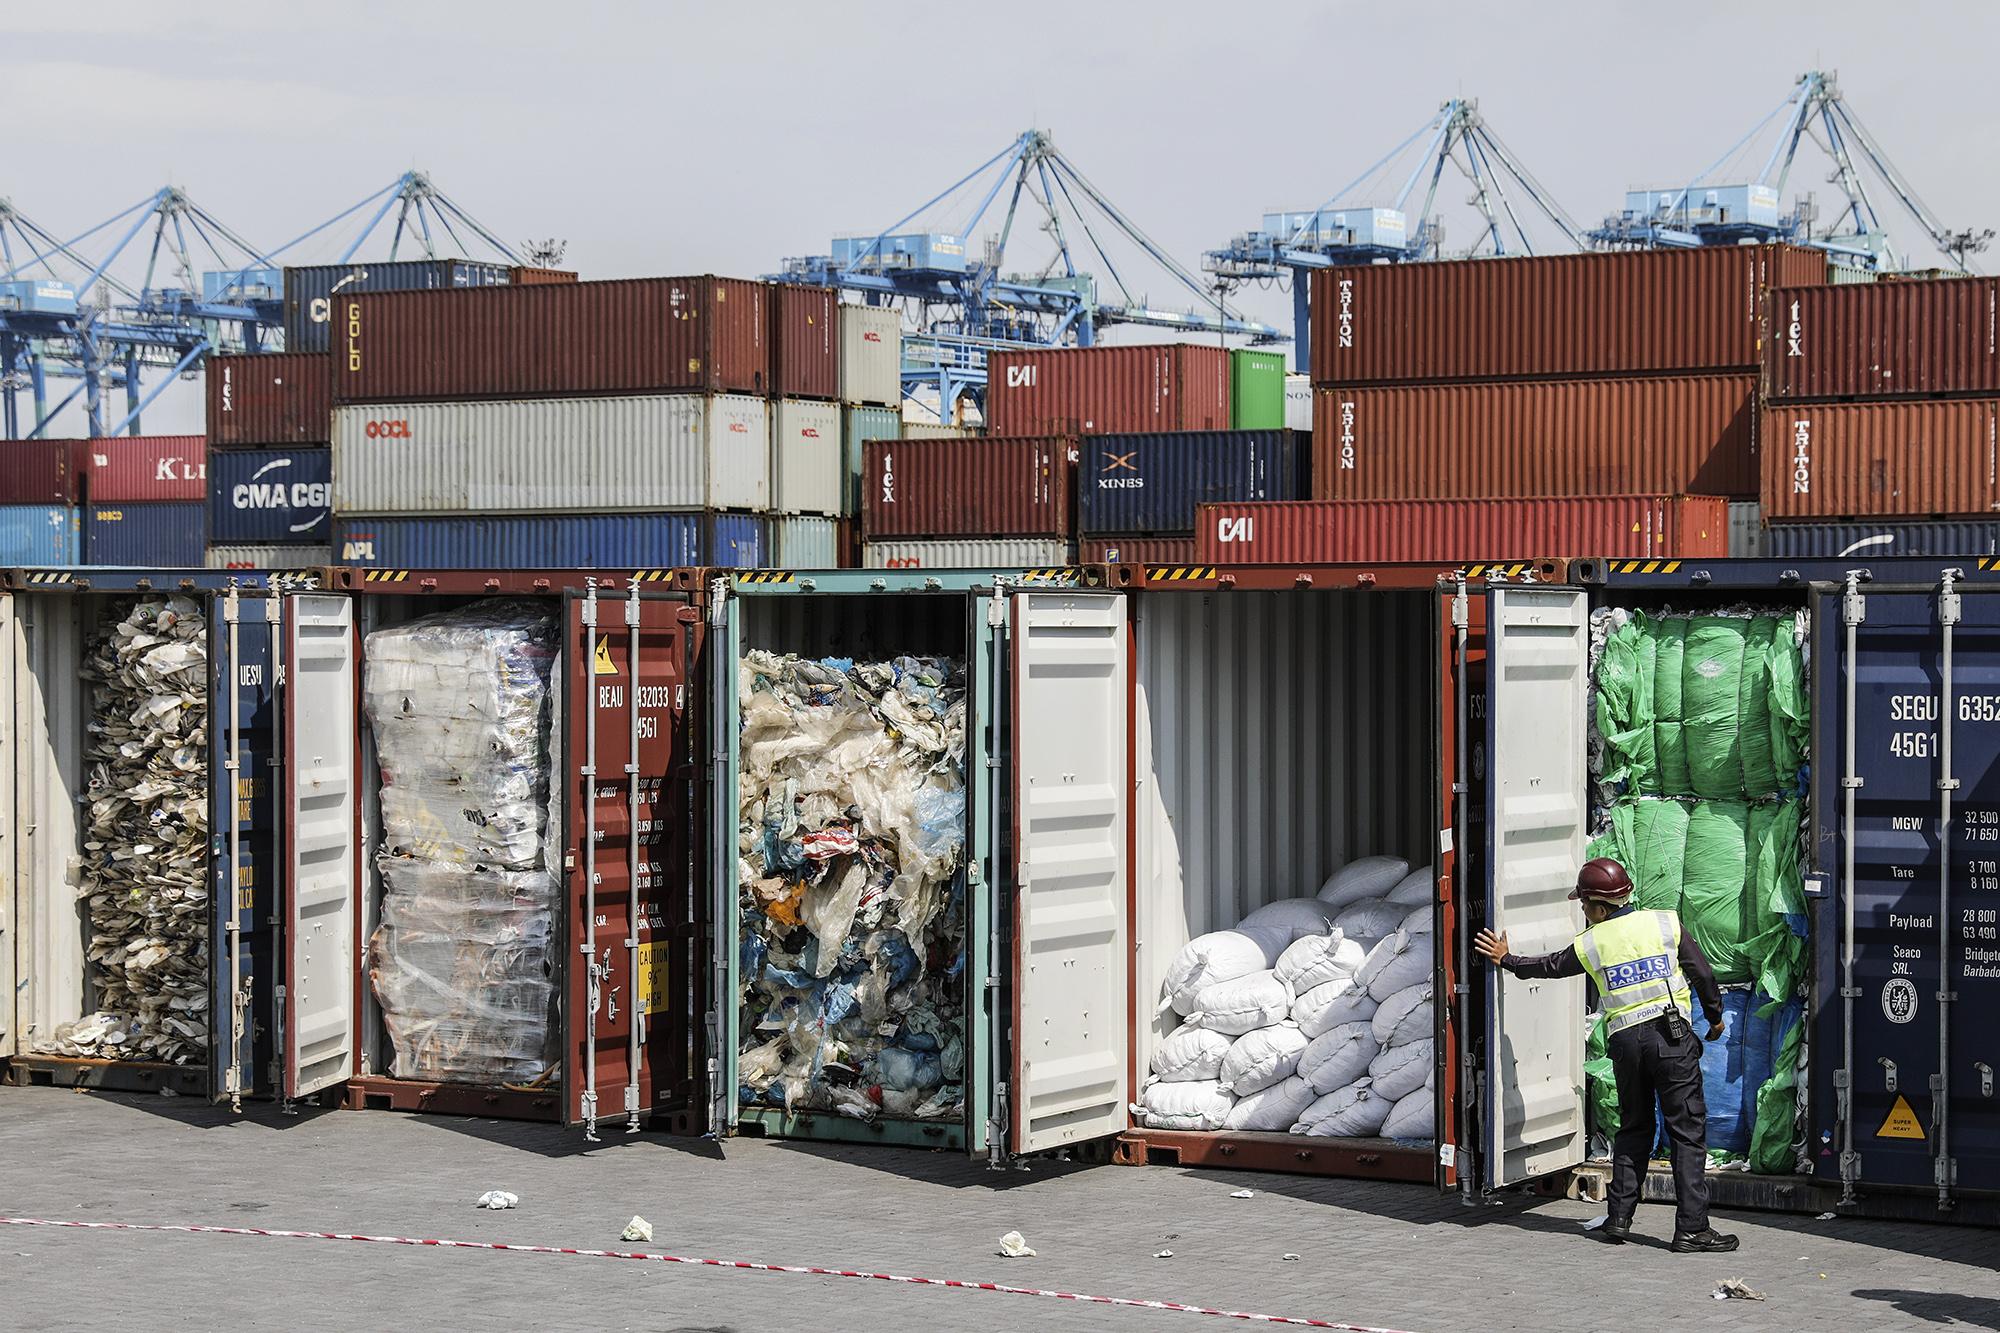 Помощник полицейского проверяет пластиковые отходы вгрузовых контейнерах, прежде чем отправить их туда, откуда они прибыли. Местный политик Ё Би Инь накануне заявила, что Малайзия отправит 450 метрических тонн загрязненных пластиковых отходов обратно встраны происхождения. Отходы поступили изАвстралии, США, Канады, Саудовской Аравии, Японии, Китая, Испании иБангладеш. Порт-Кланге, Селангор, Малайзия, 28 мая 2019 года.